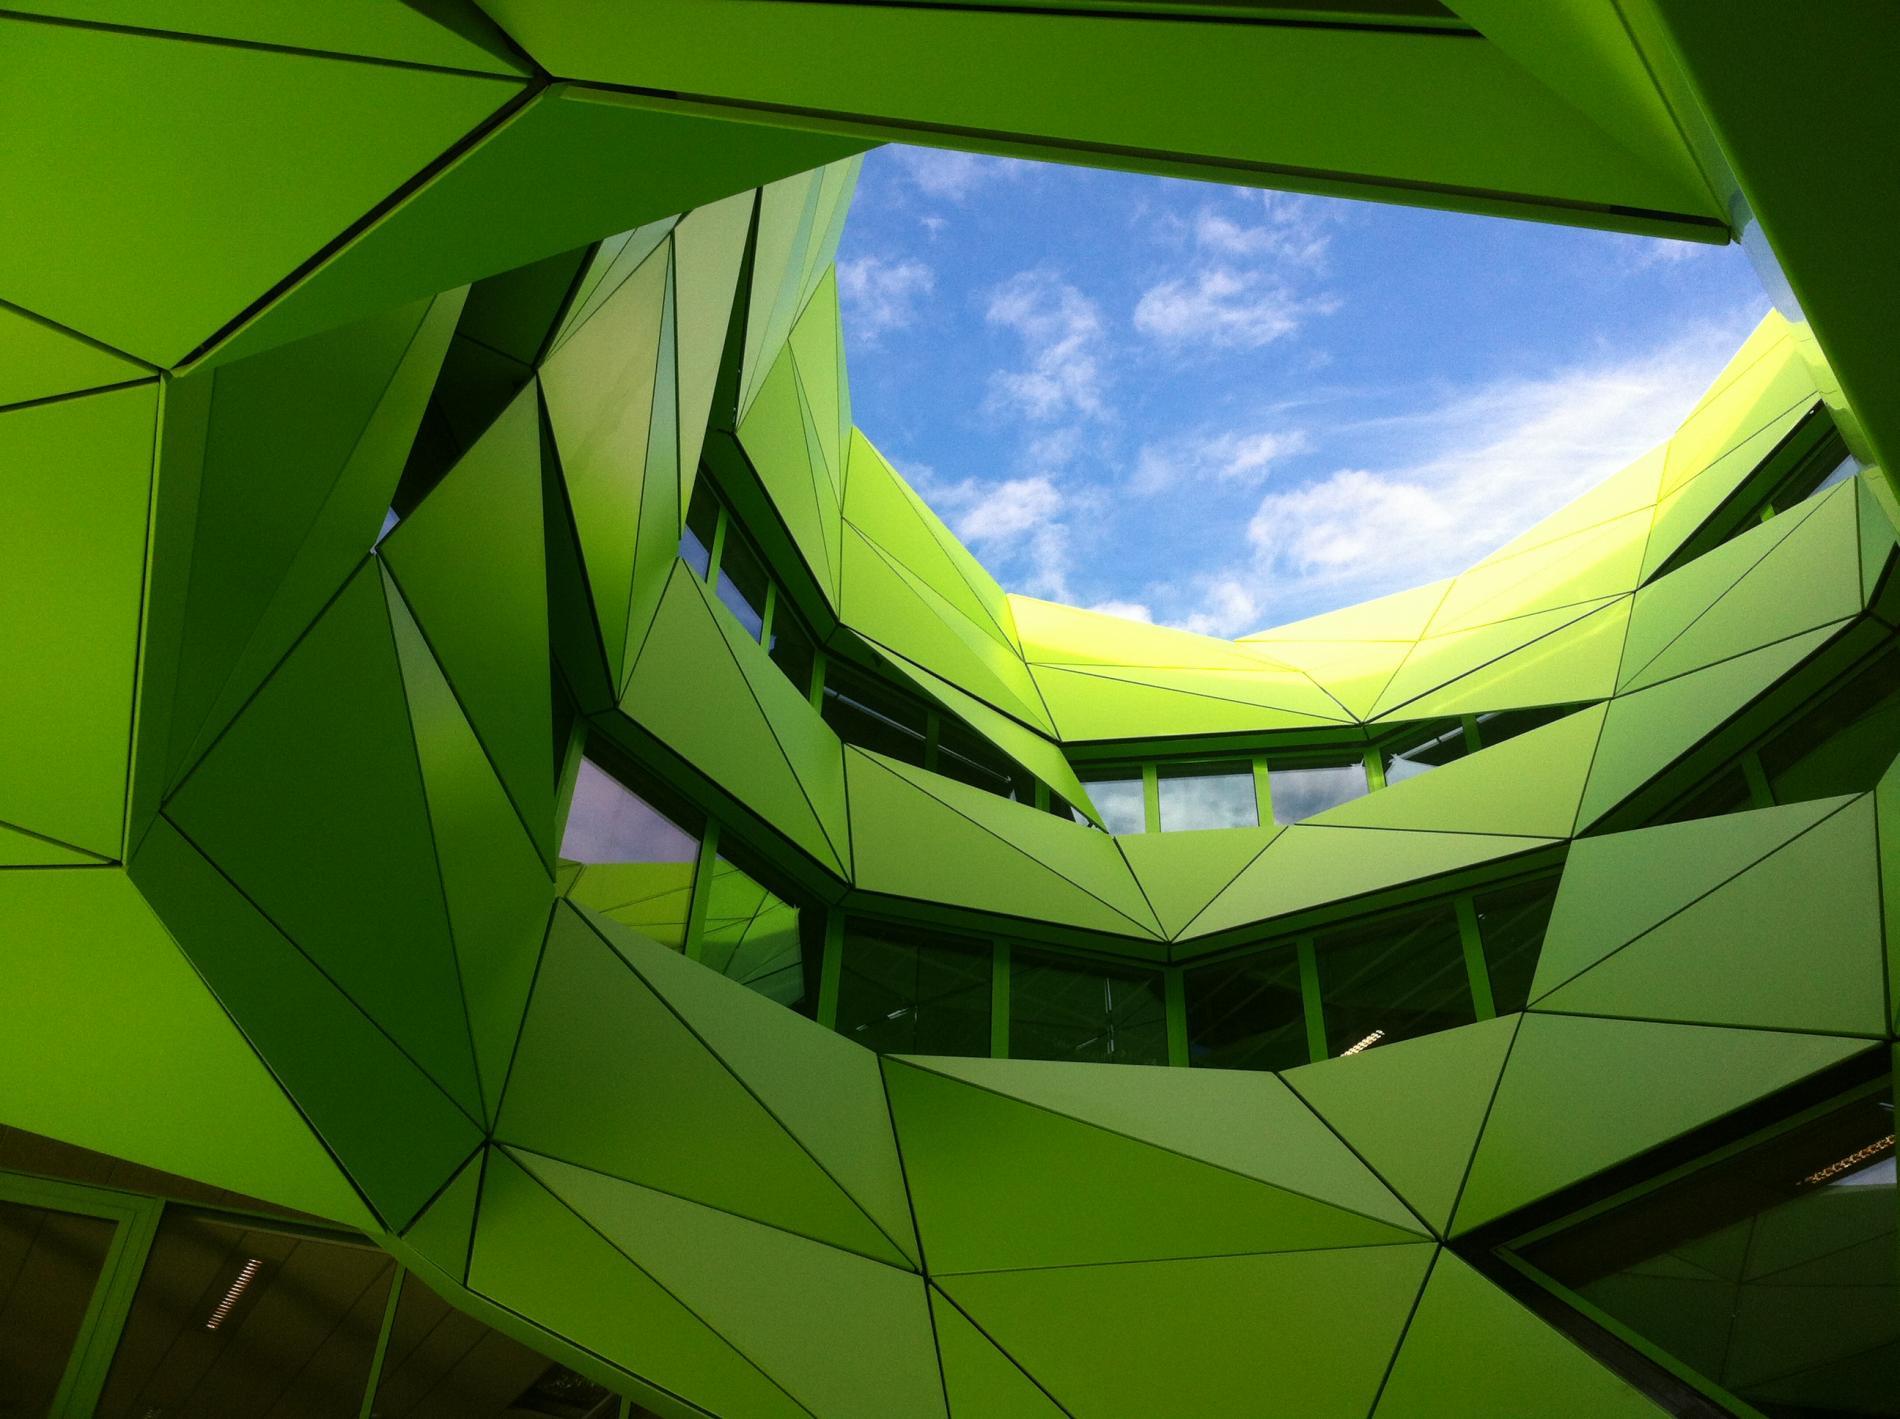 Le cône du siège d'Euronews à Lyon, montrant la géométrie de la vêture en aluminium